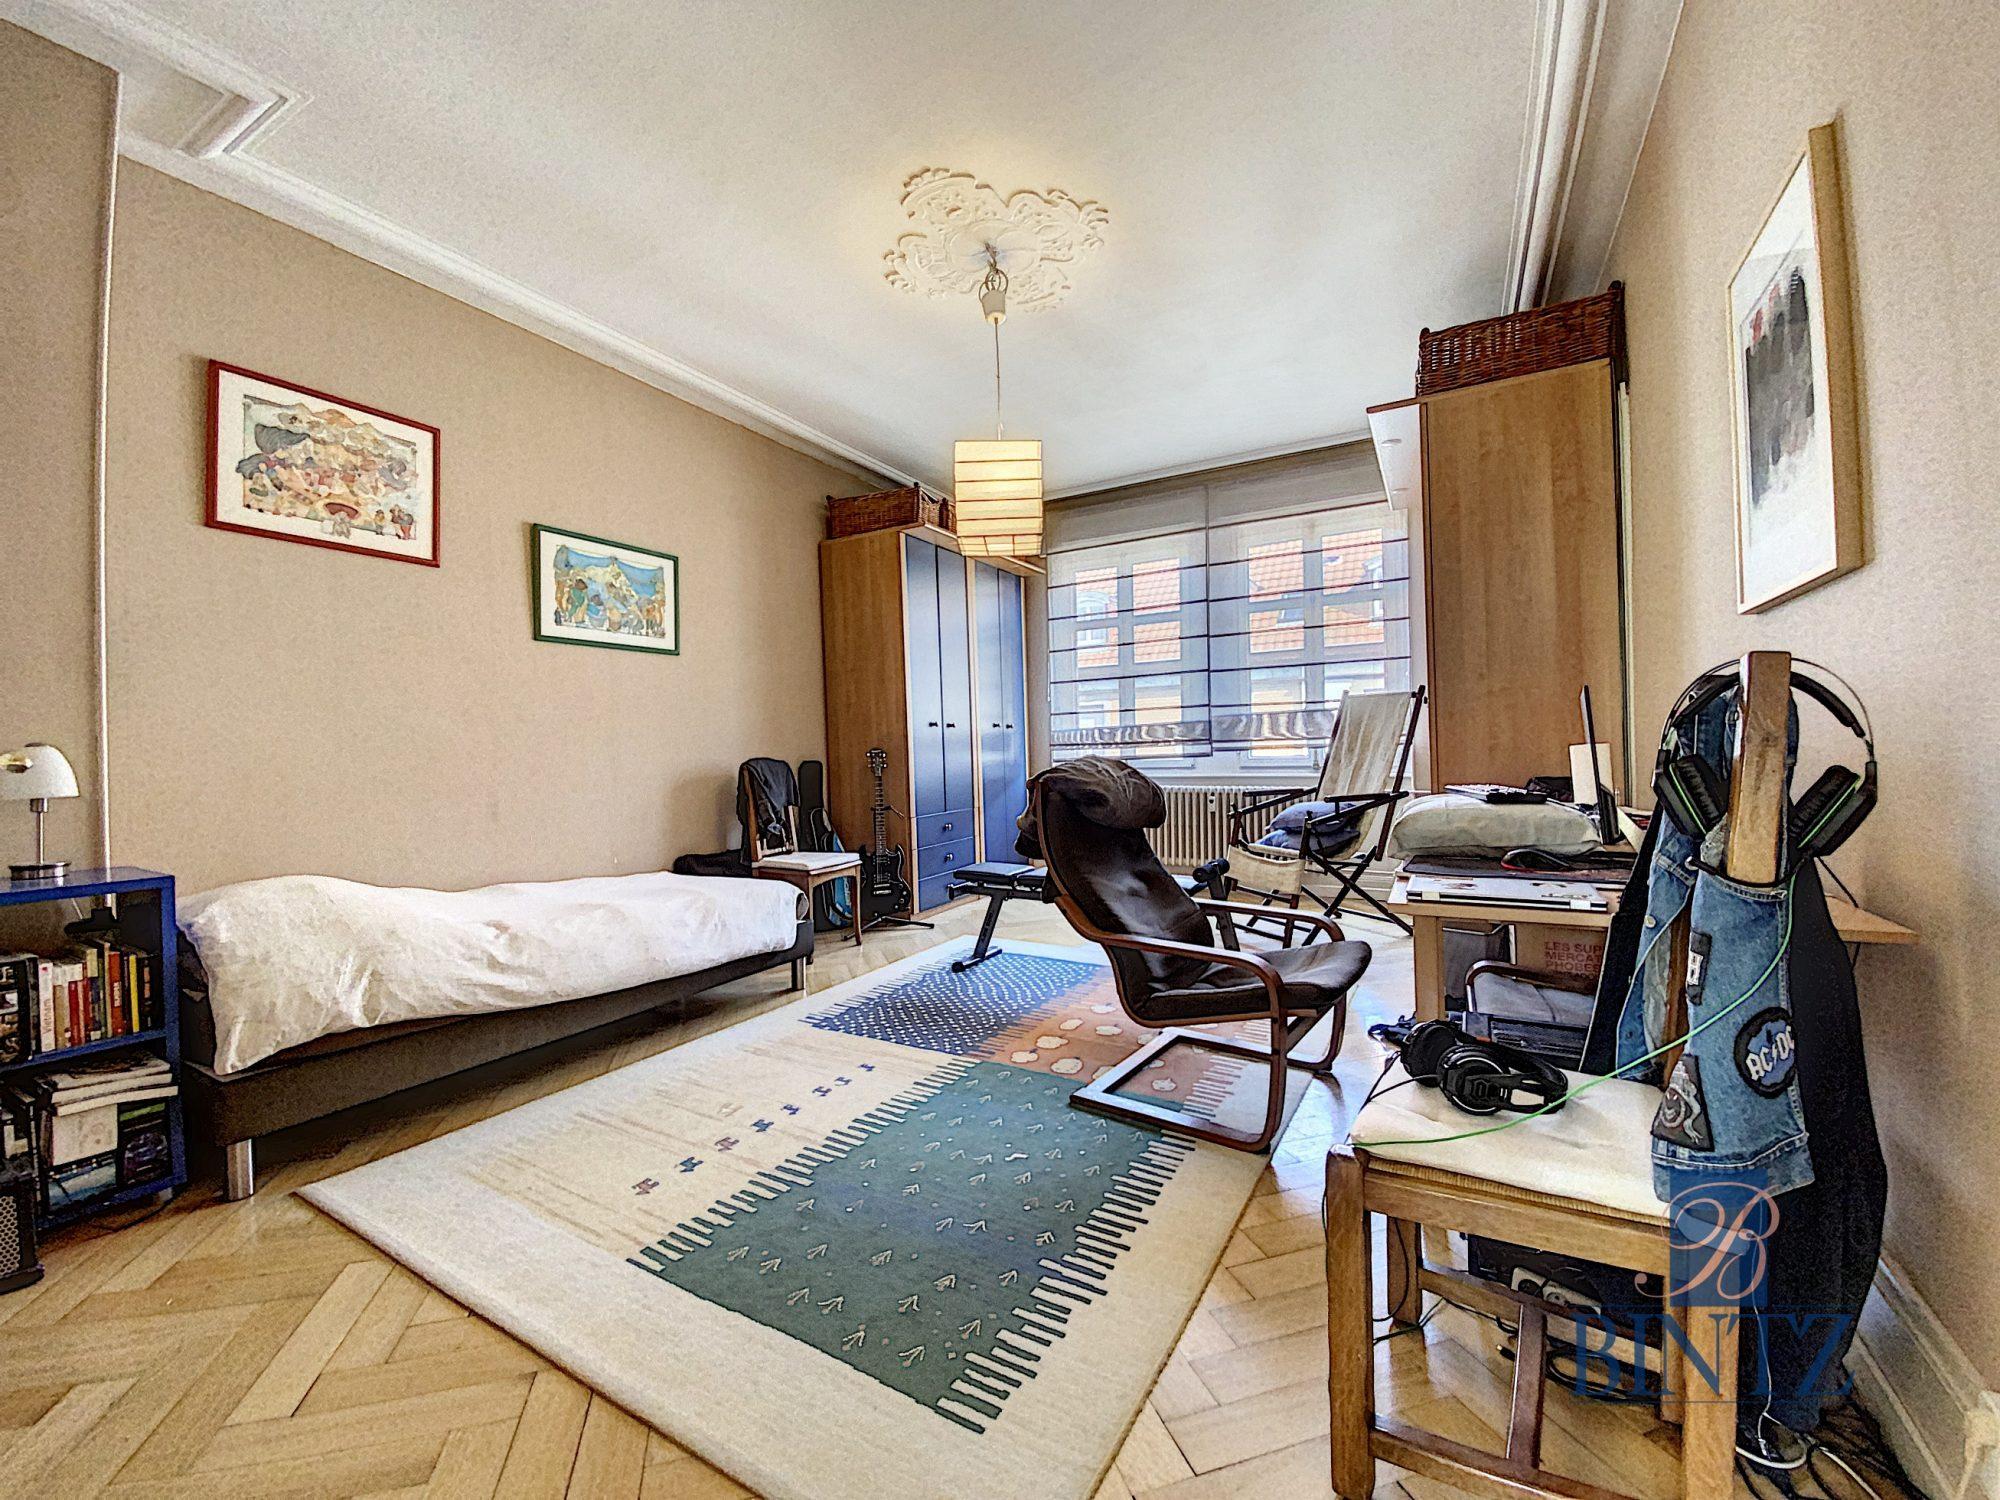 Appartement de 7 pièces – Rue Schwendi - Devenez propriétaire en toute confiance - Bintz Immobilier - 19